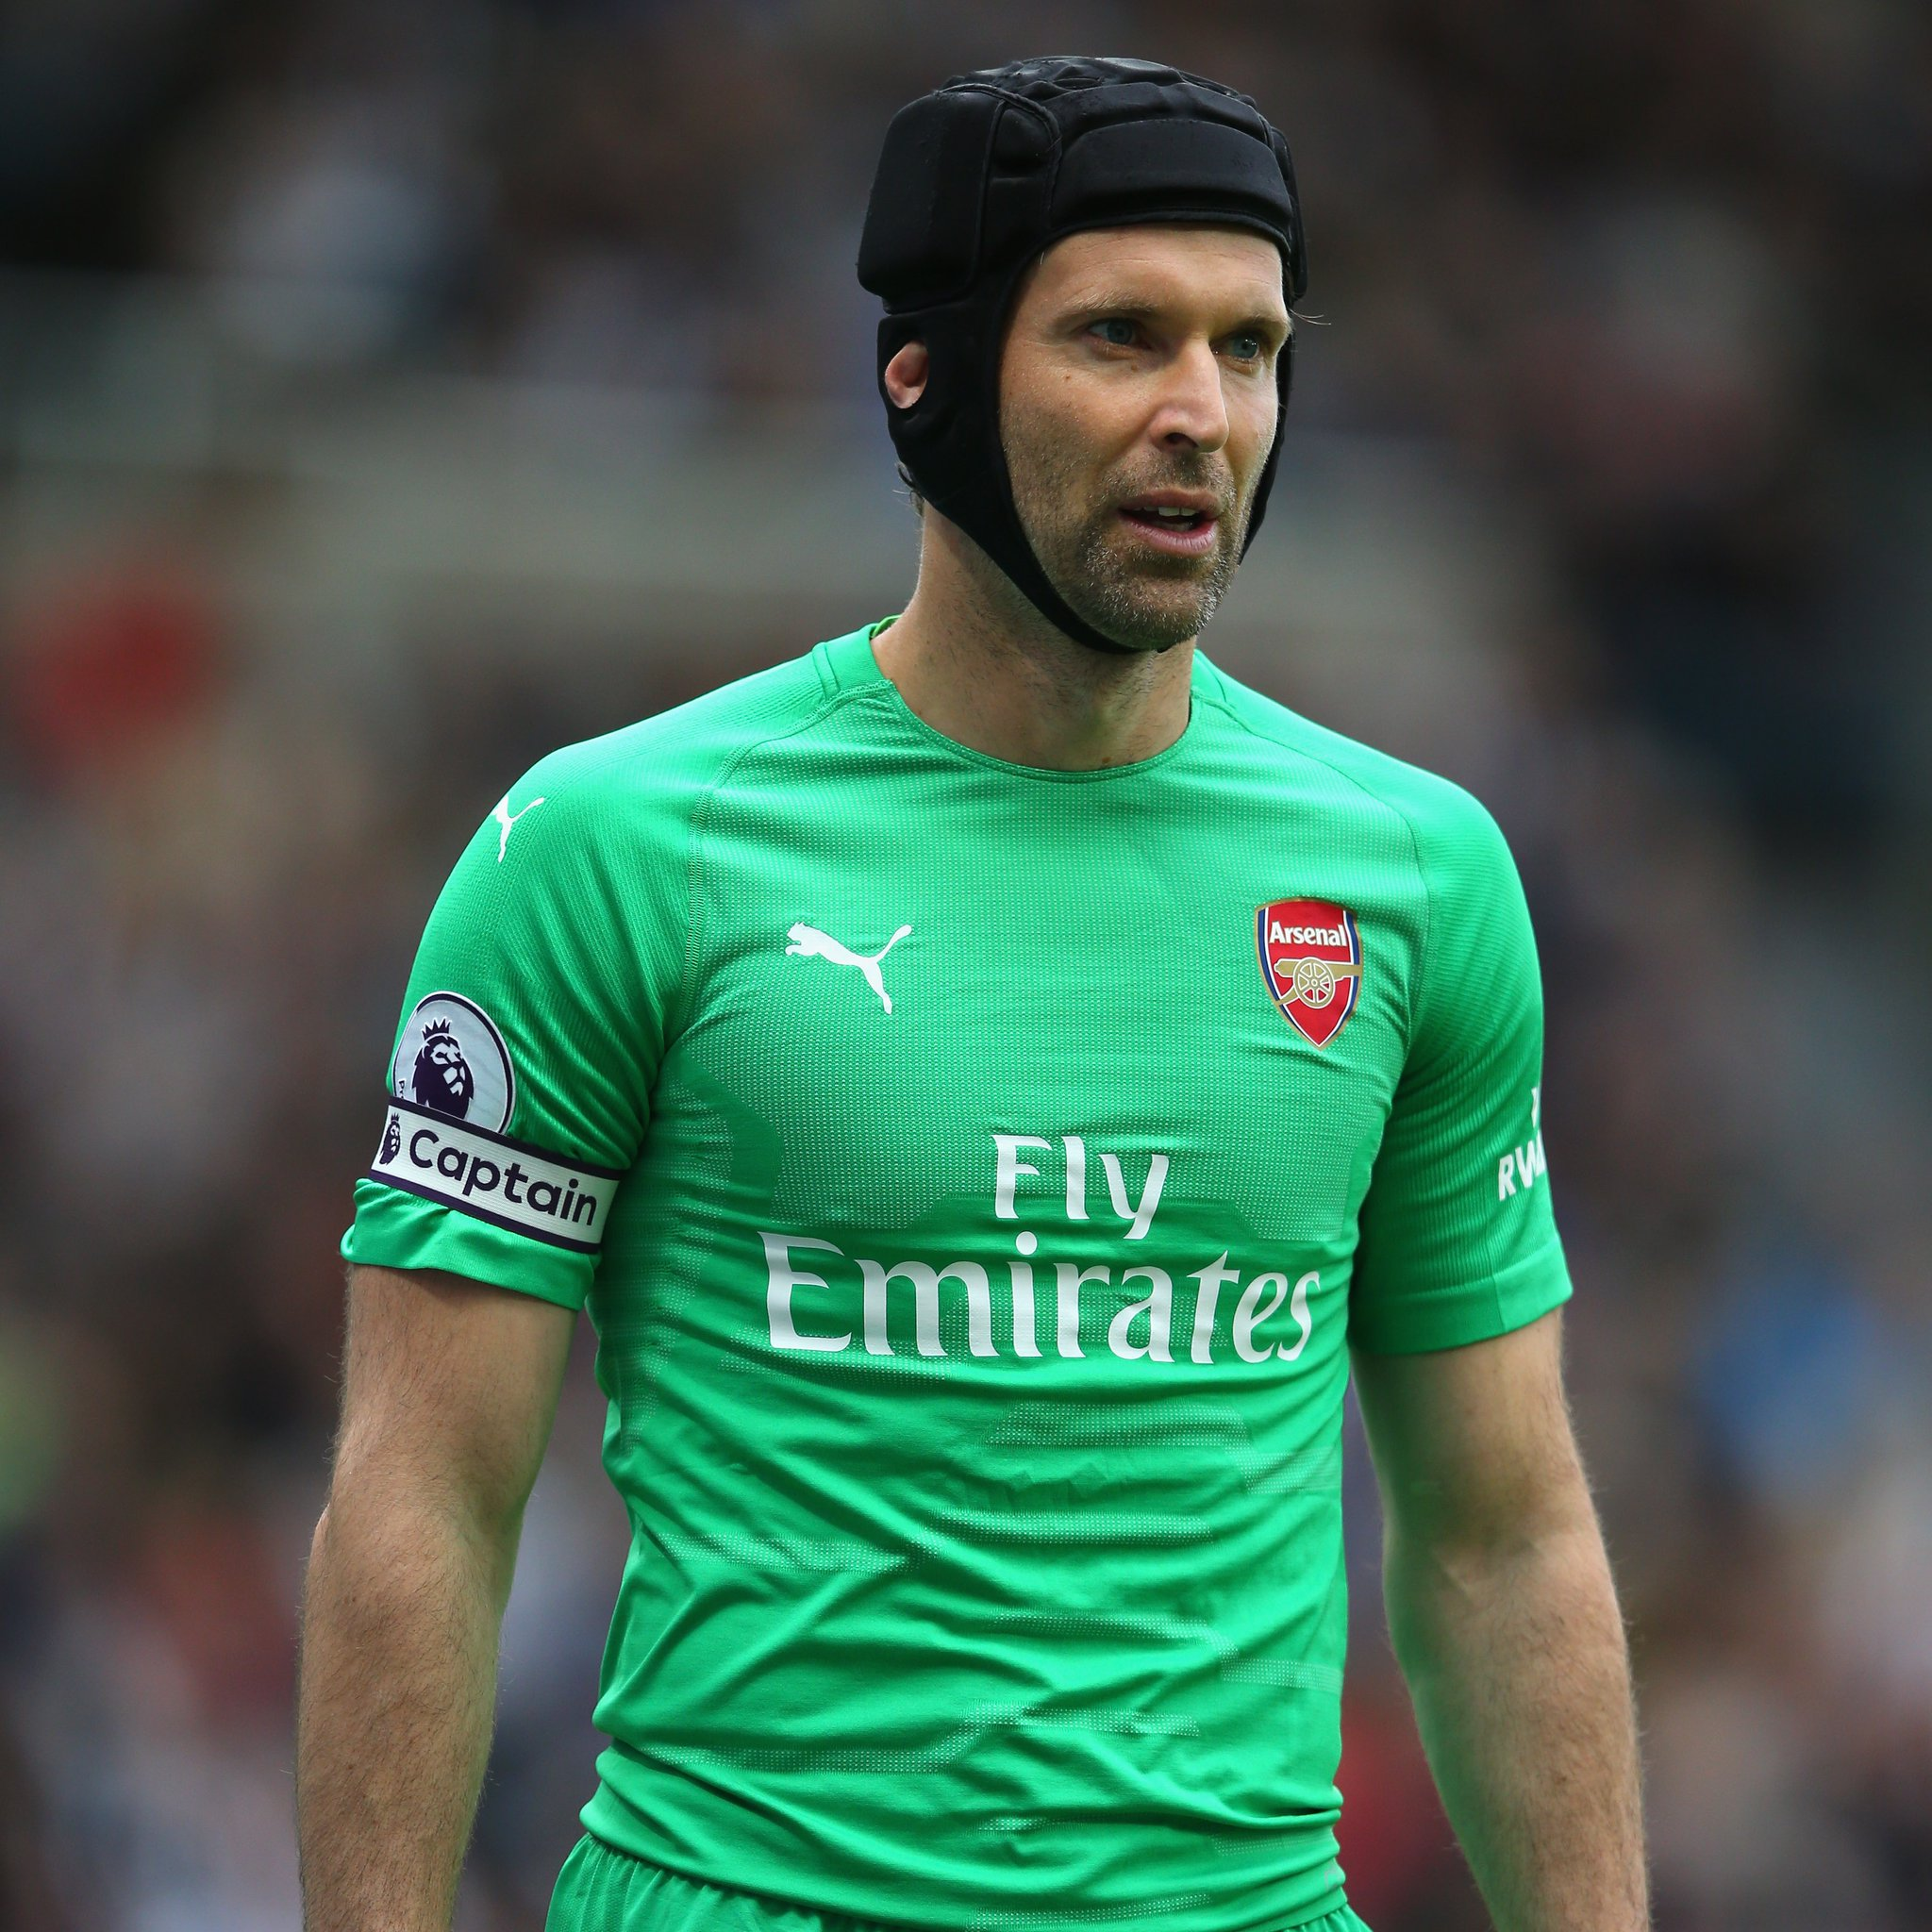 Cech captain